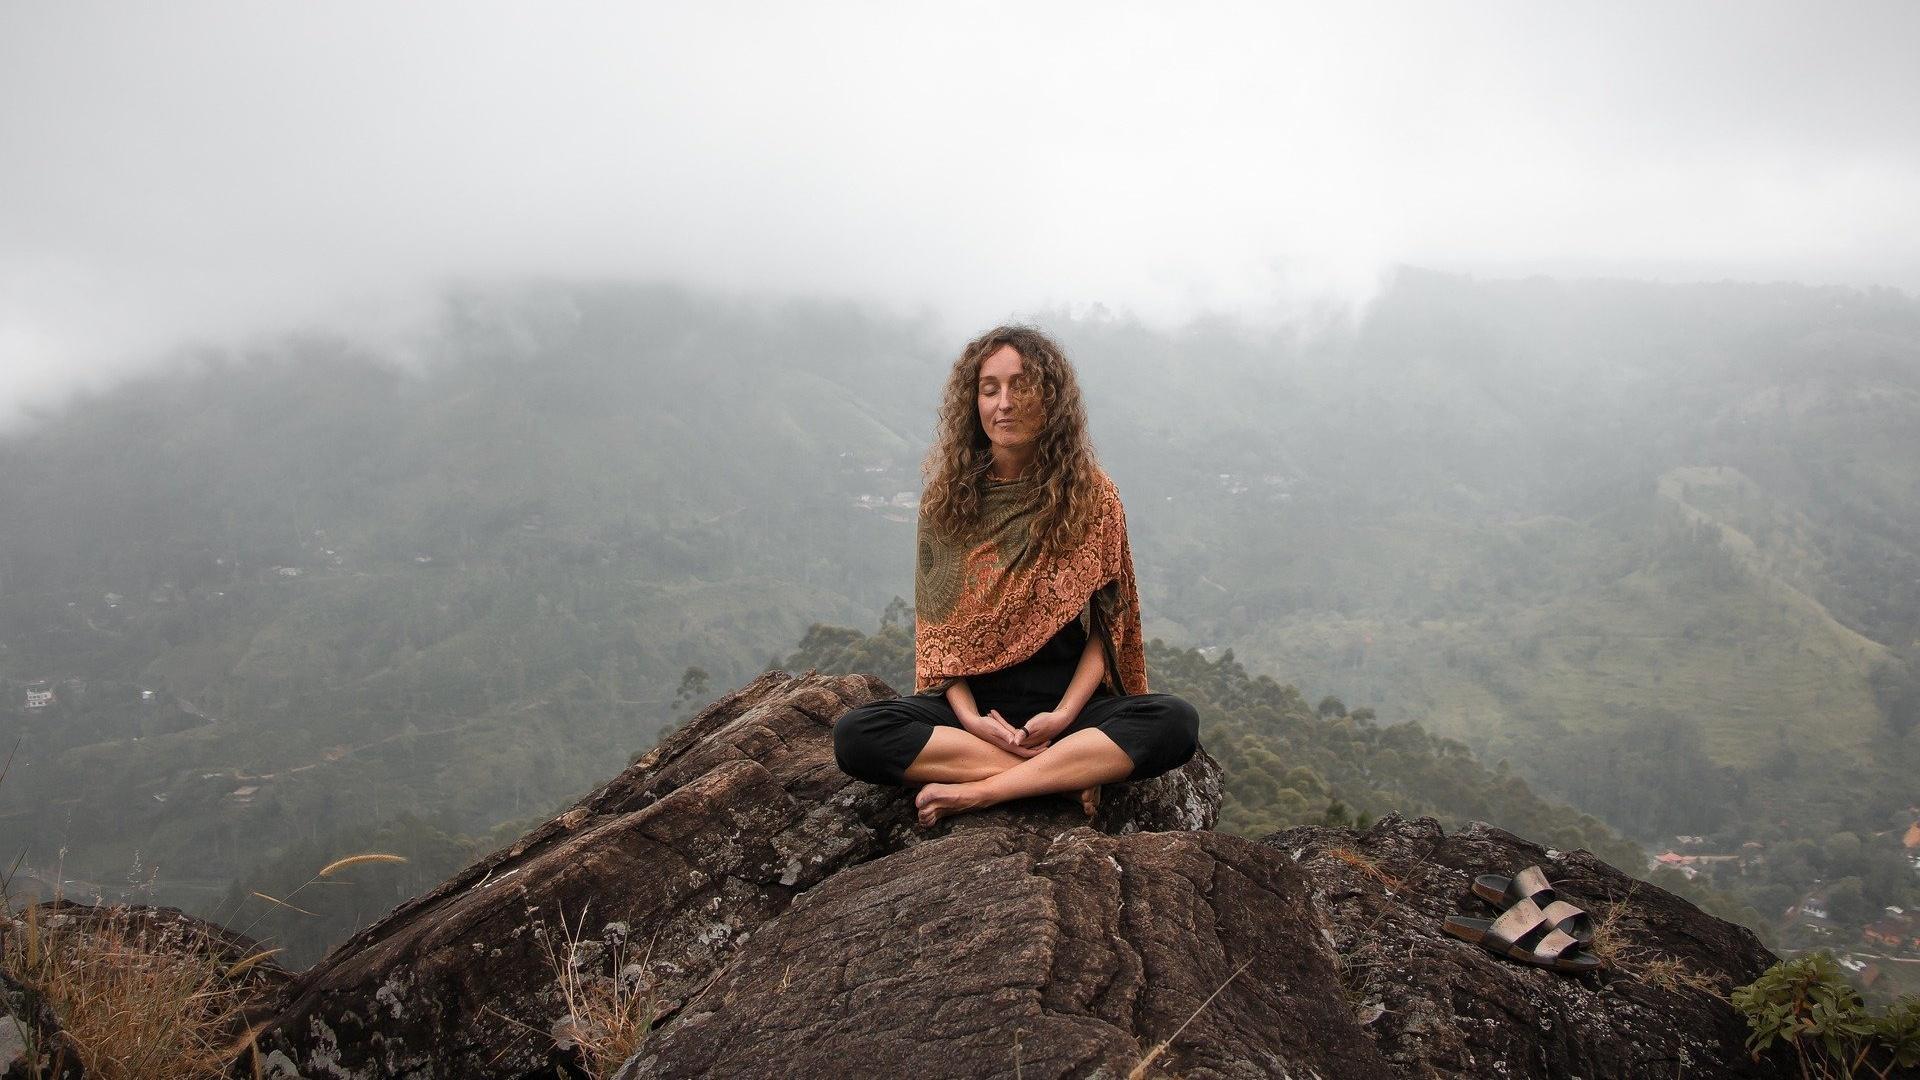 Viele Übungen verhelfen Ihnen dazu, sich selbst zu akzeptieren - von Meditation bis hin zum Tagebucheintrag.